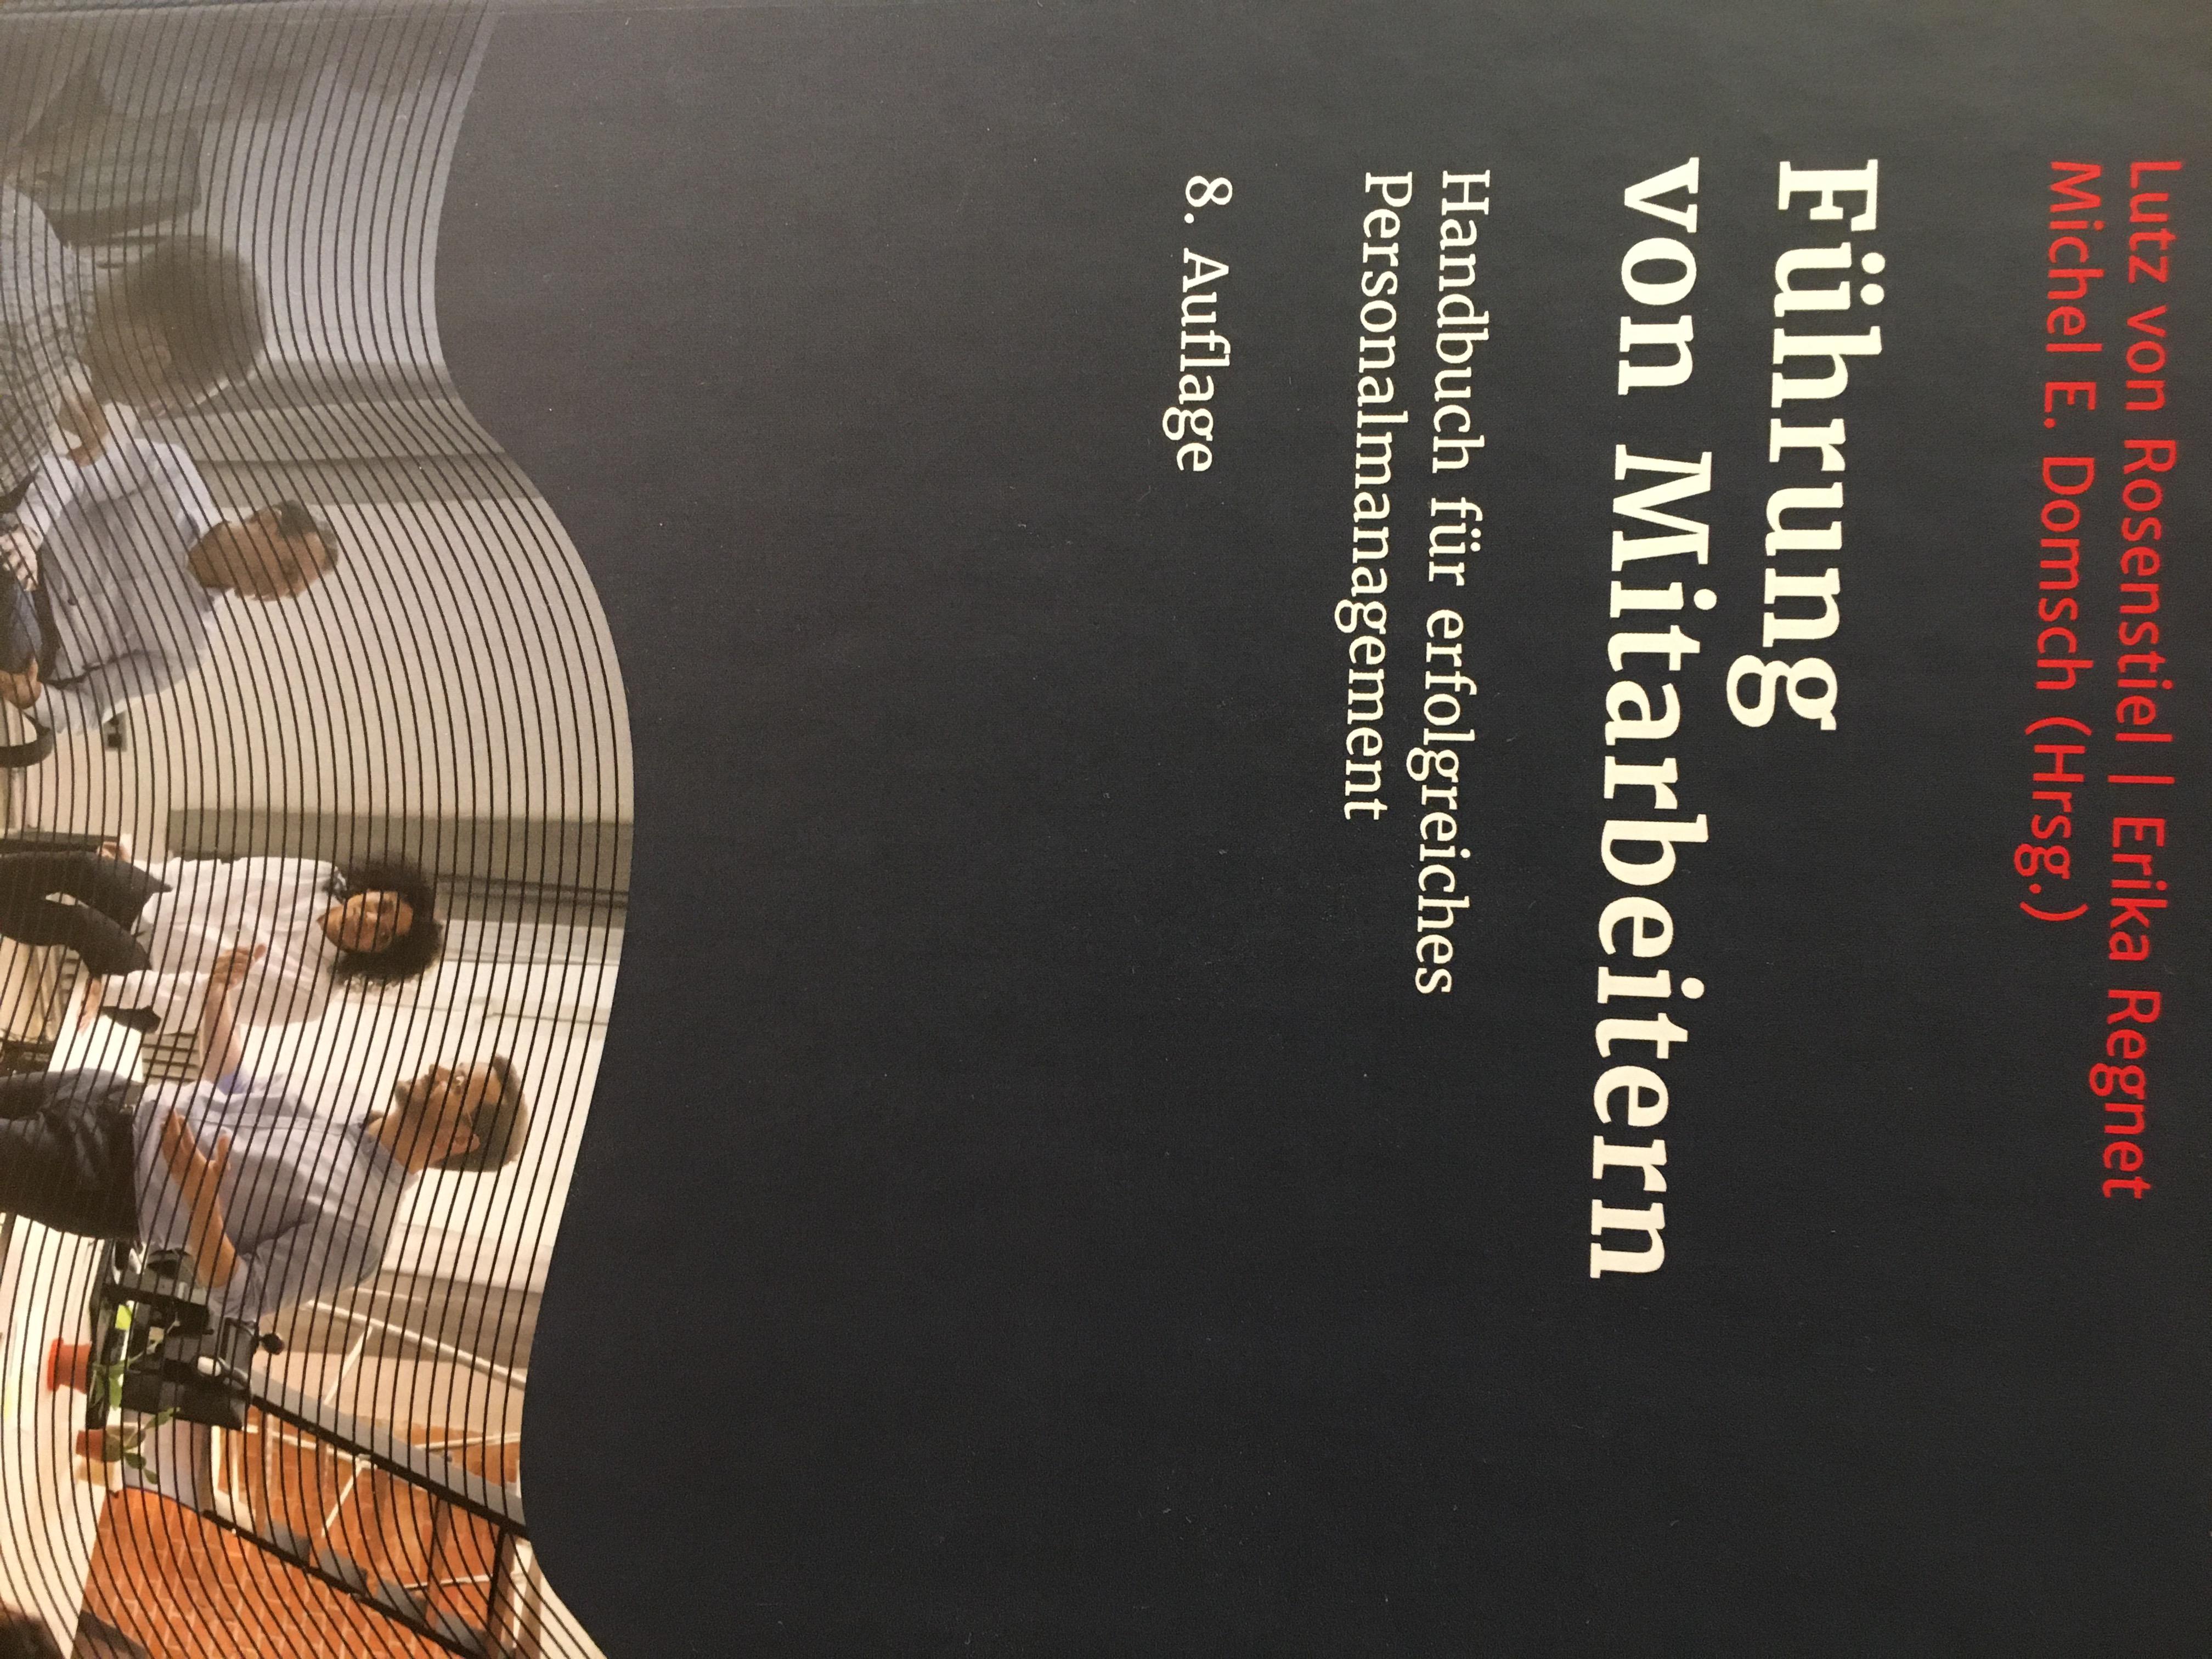 Cover zu Trennungs-Kultur und Mitarbeiterbindung als zukunftssichernder Teil der Organisations- und Personalentwicklung